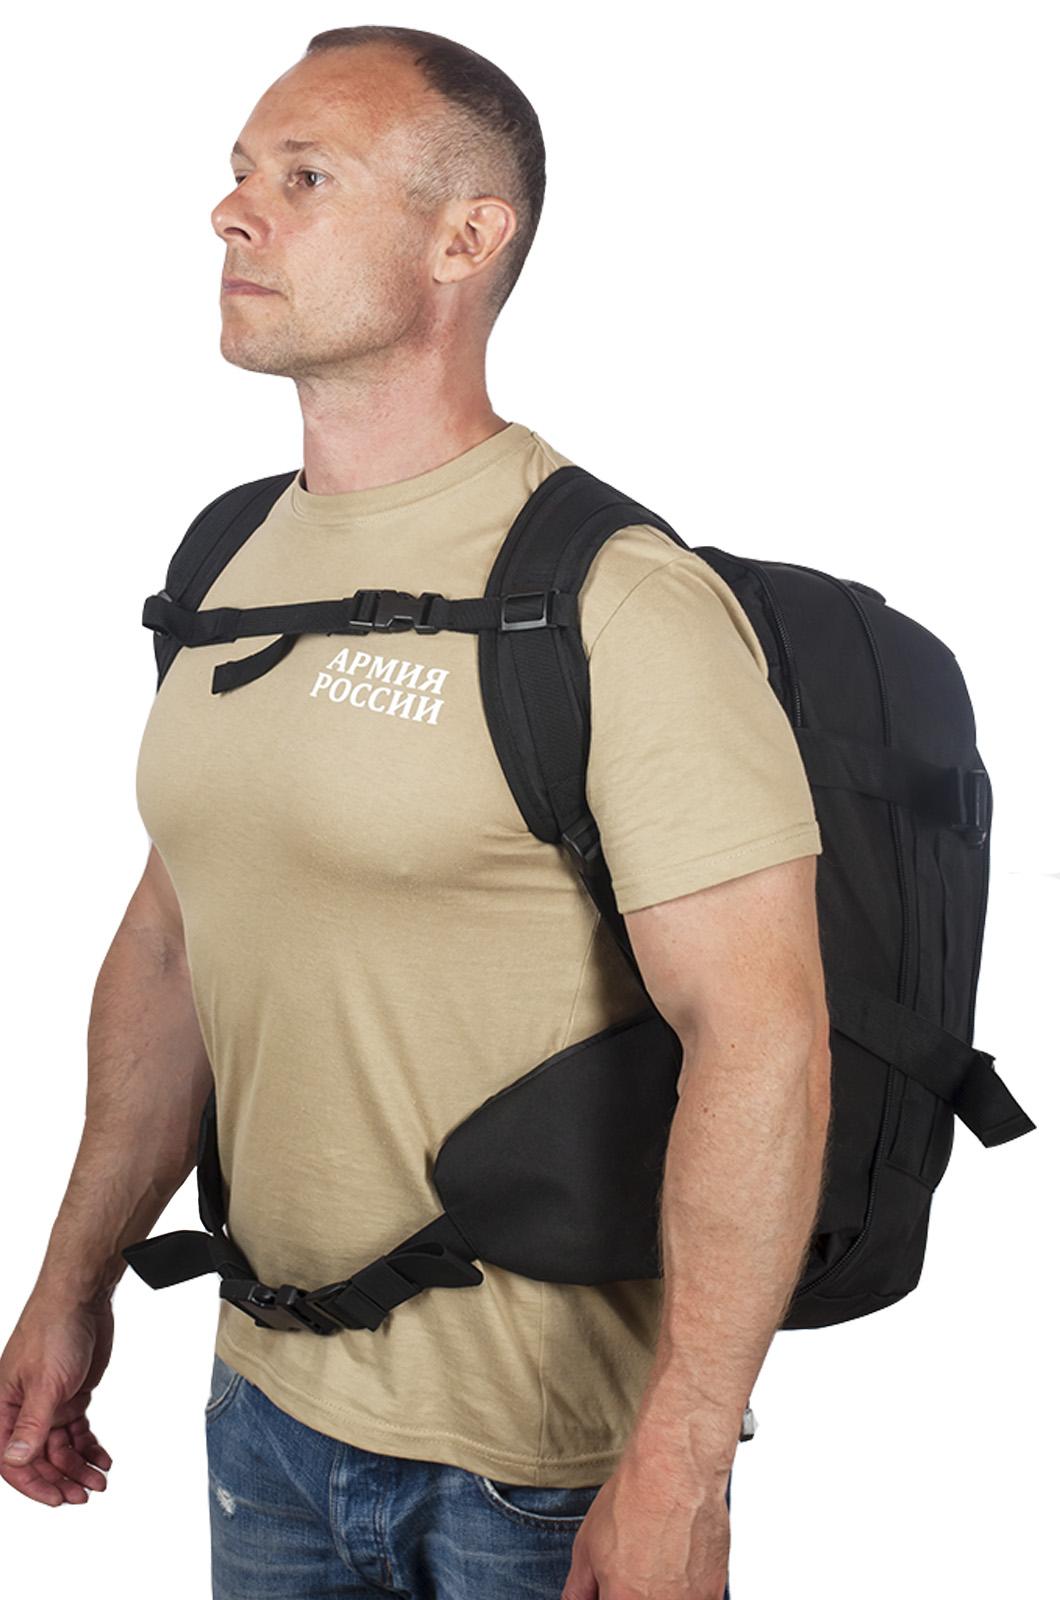 Крутой удобный рюкзак с нашивкой Танковые Войска - купить с доставкой